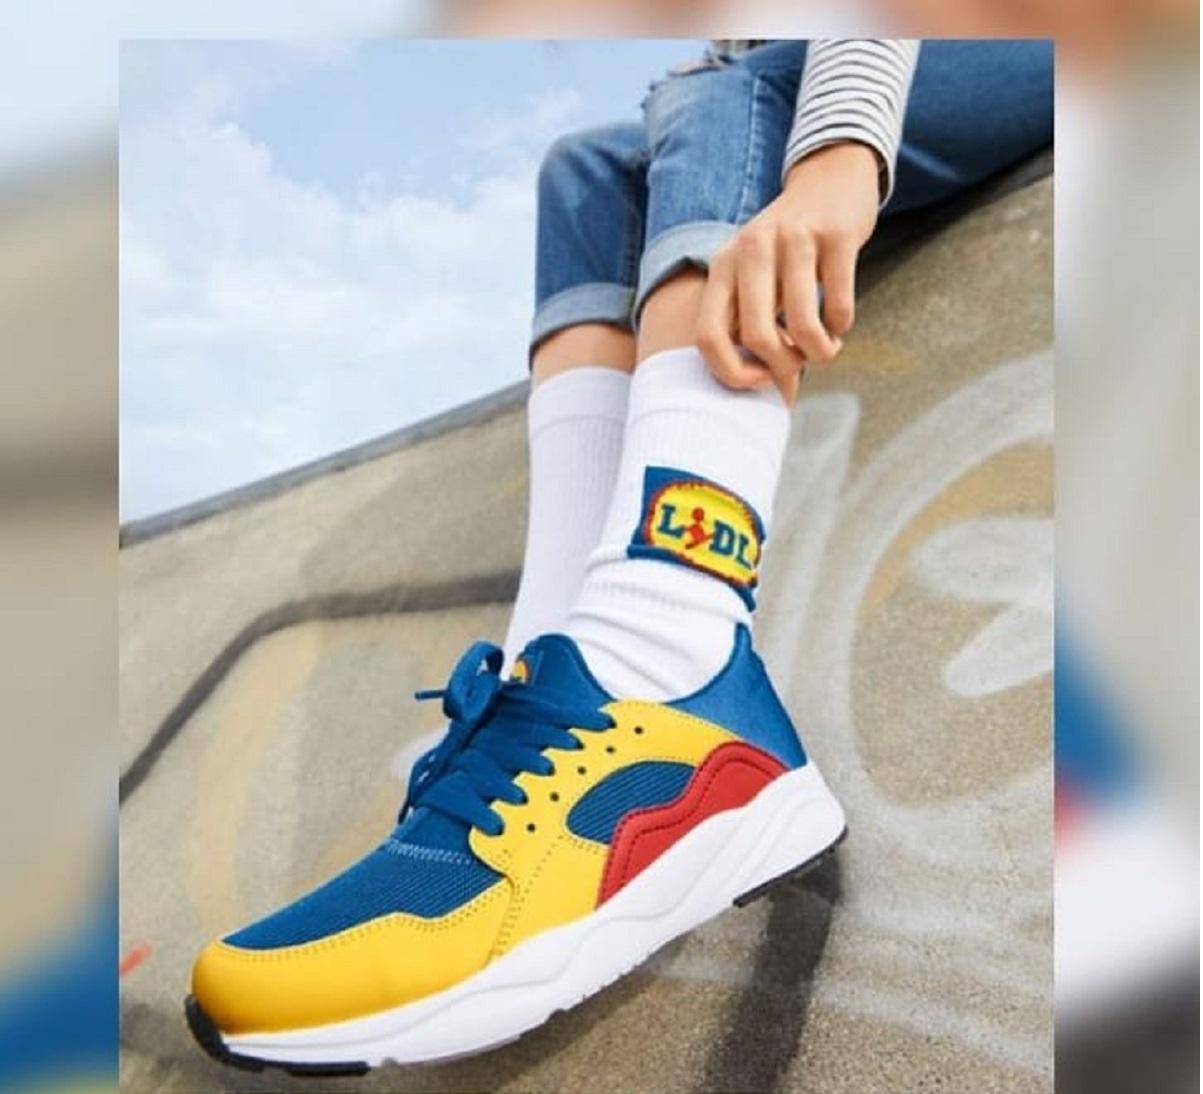 Le scarpe Lidl arrivano in Italia il 16 novembre, dopo il grande successo in Europa